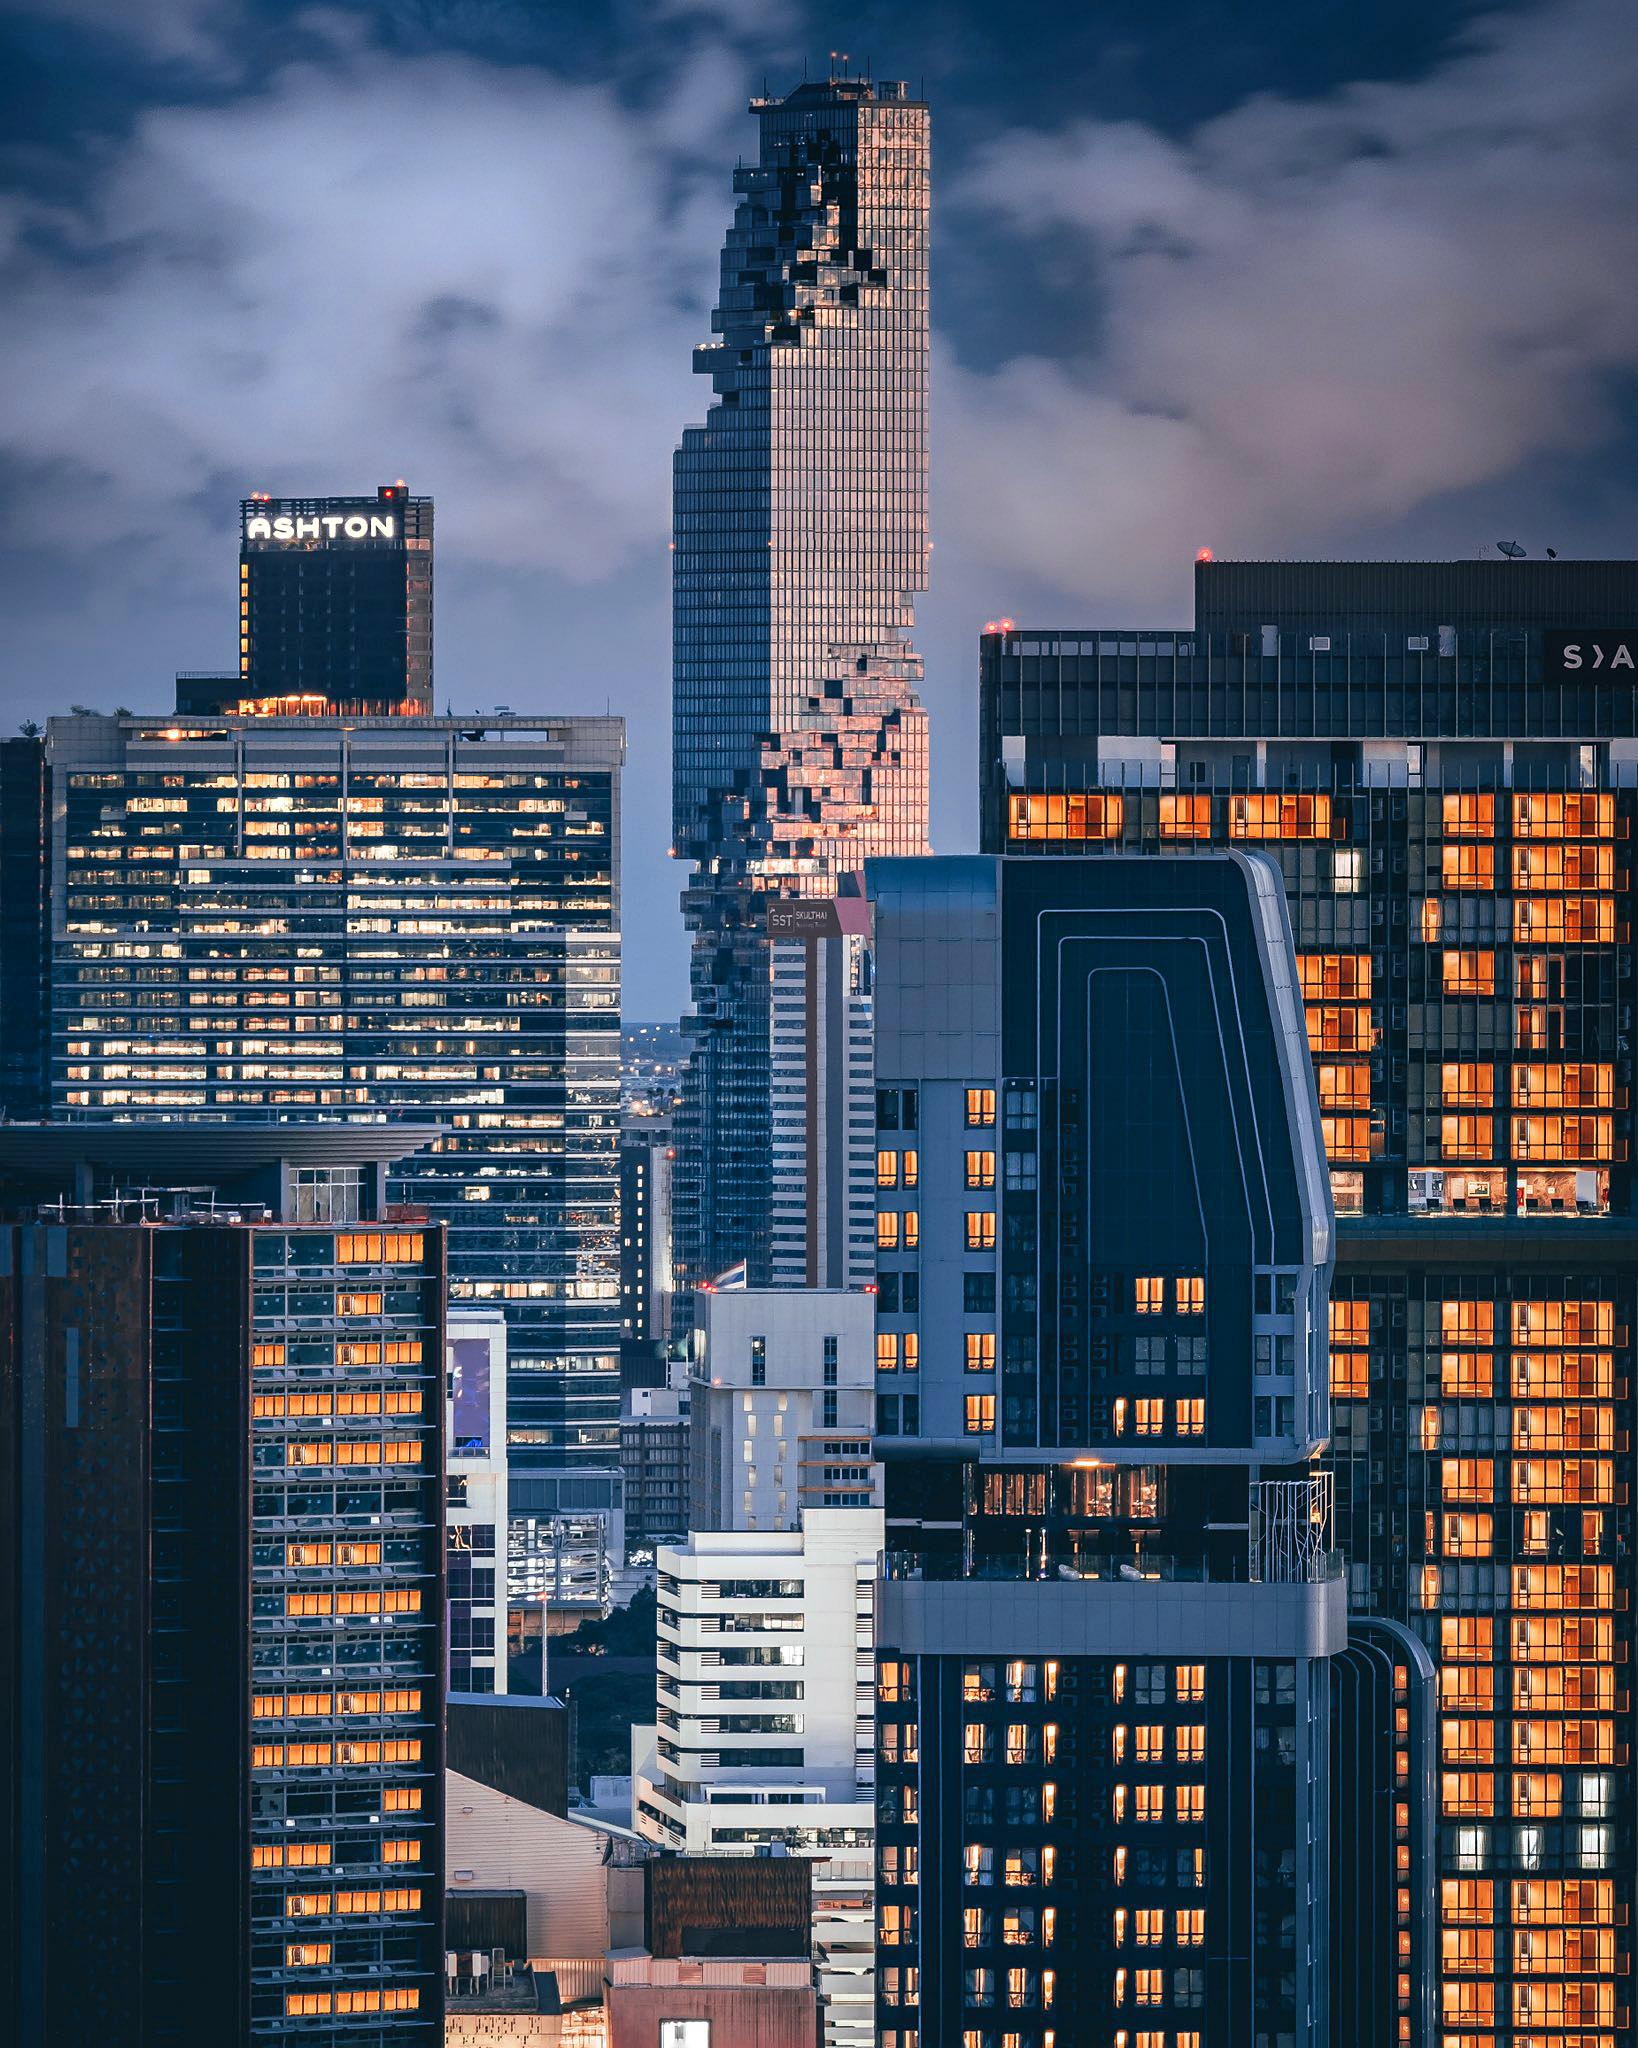 Bangkok by Kan Kankavee 02.jpg